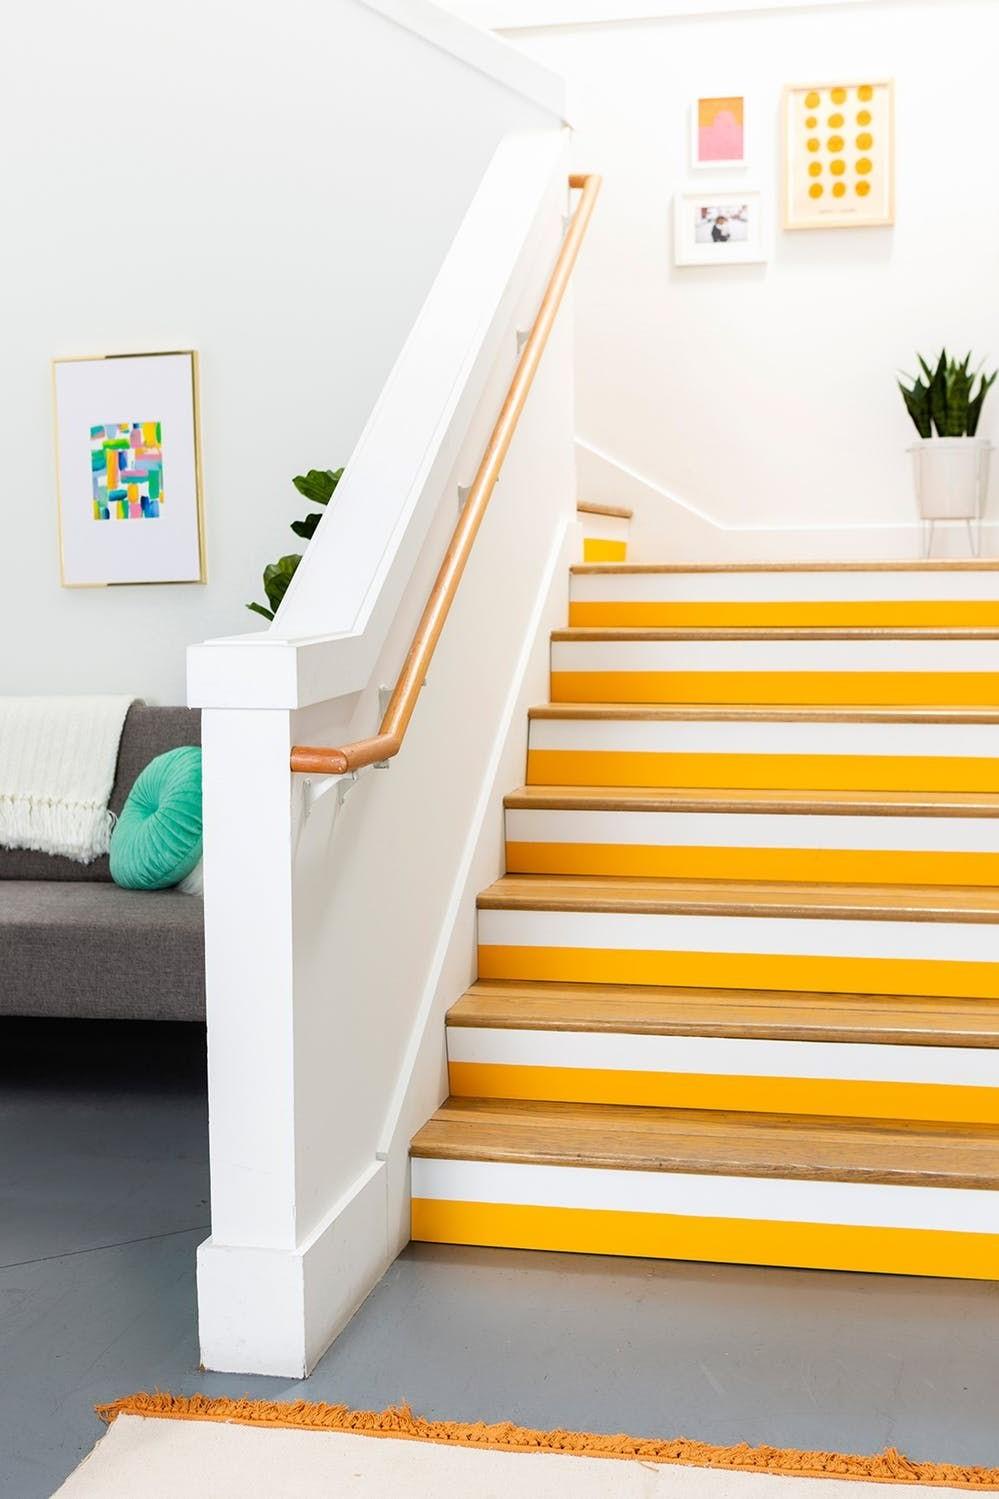 Les escaliers sont très utilisés et ont souvent tendance à être endommagés à cause de cette utilisation.